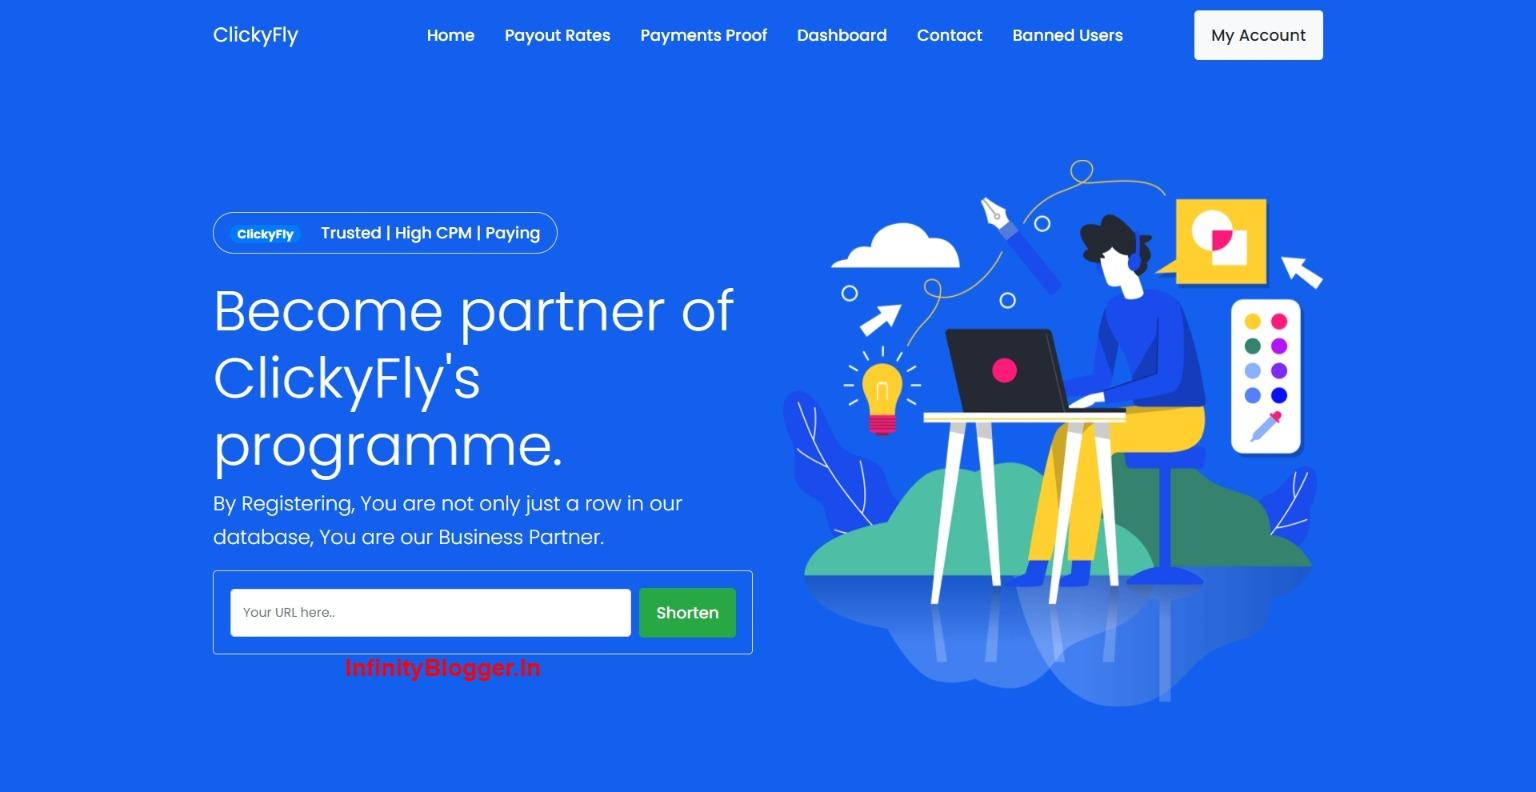 screenshot clickyfly.com 2020.12.24 15 18 35